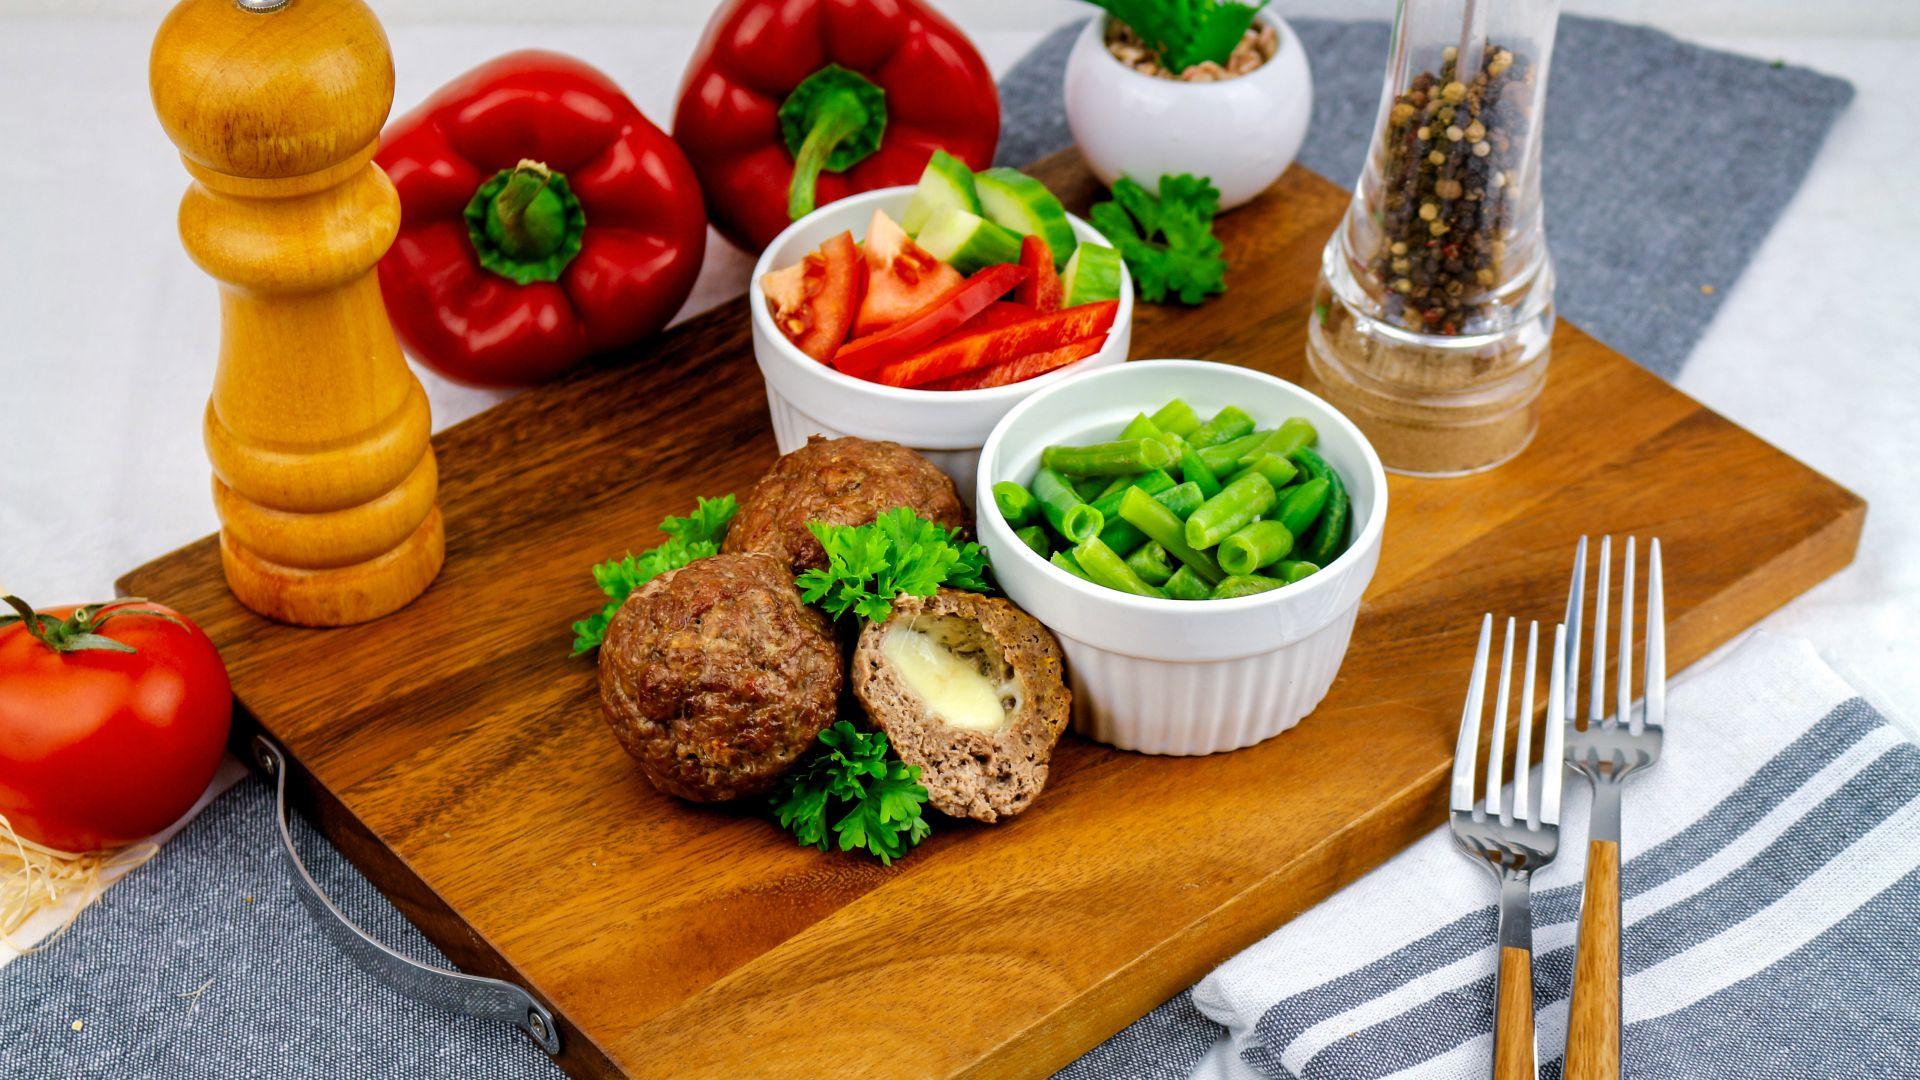 slimming soob taidisega lihapallid paigaldage pollumajandusettevotte kaalulangus